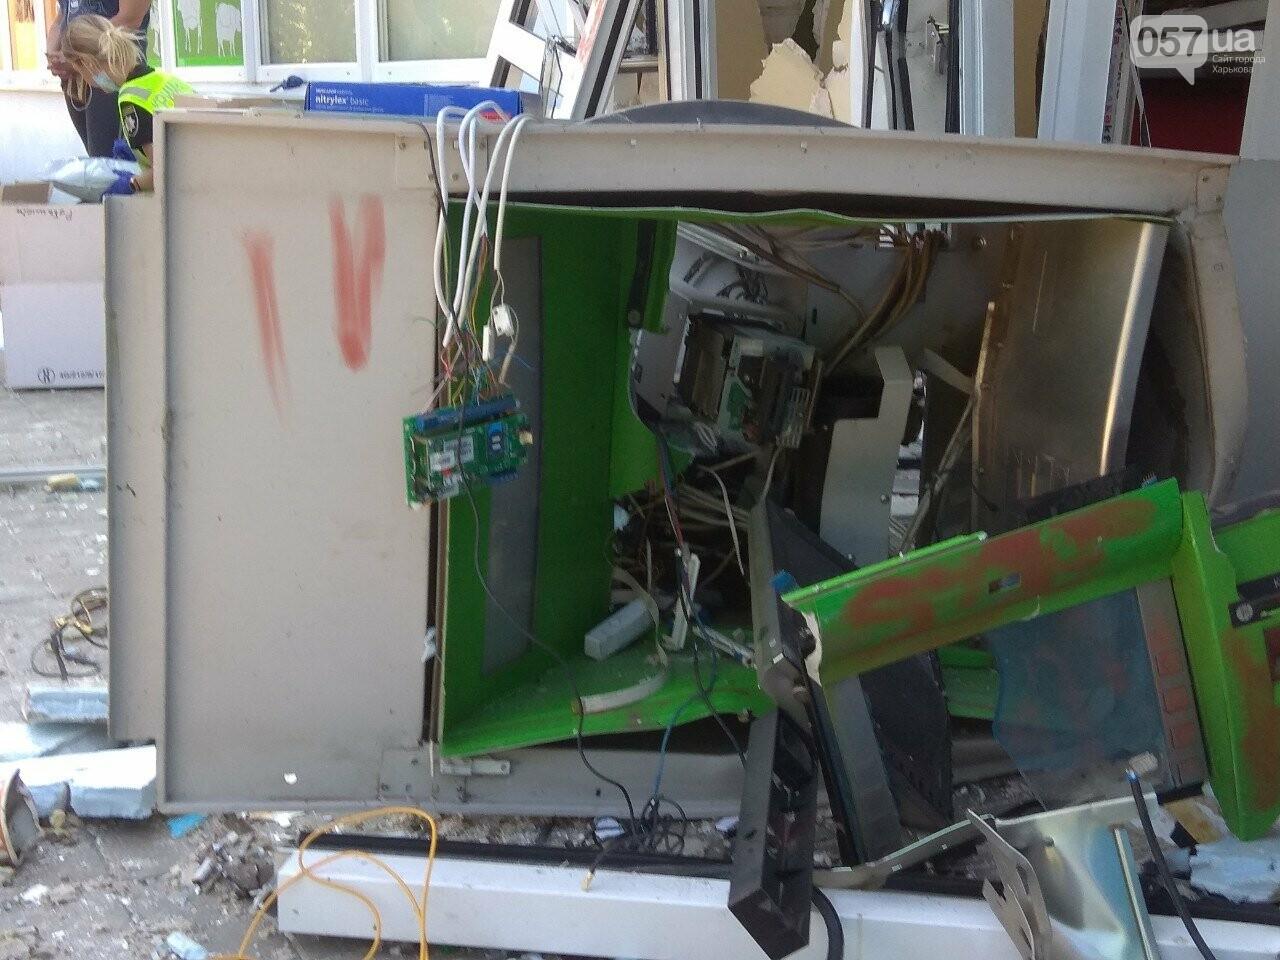 Взрыв банкомата на Алексеевке: неизвестные нанесли магазину убыток на 200 тысяч гривен, - ВИДЕО, фото-6